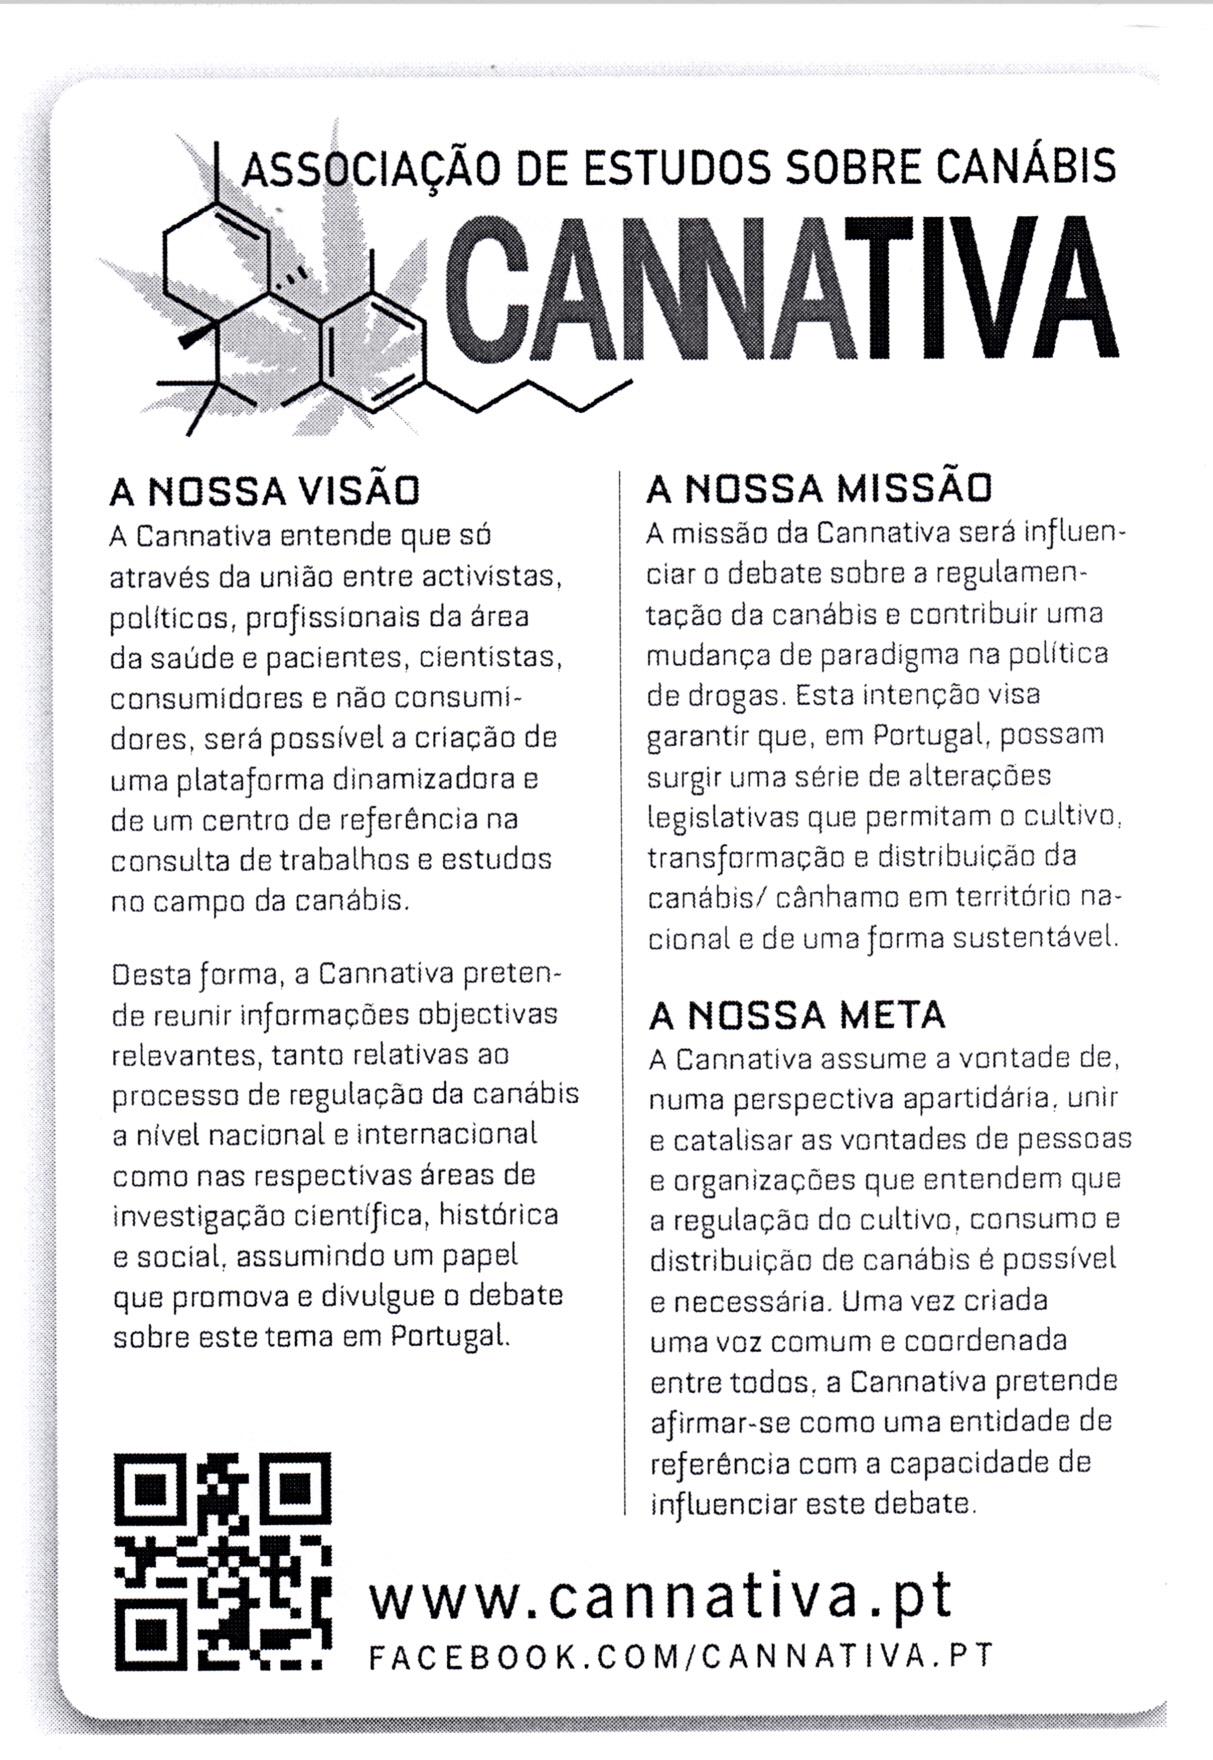 Cannativa_Marcha_Marijuana_2017_0002